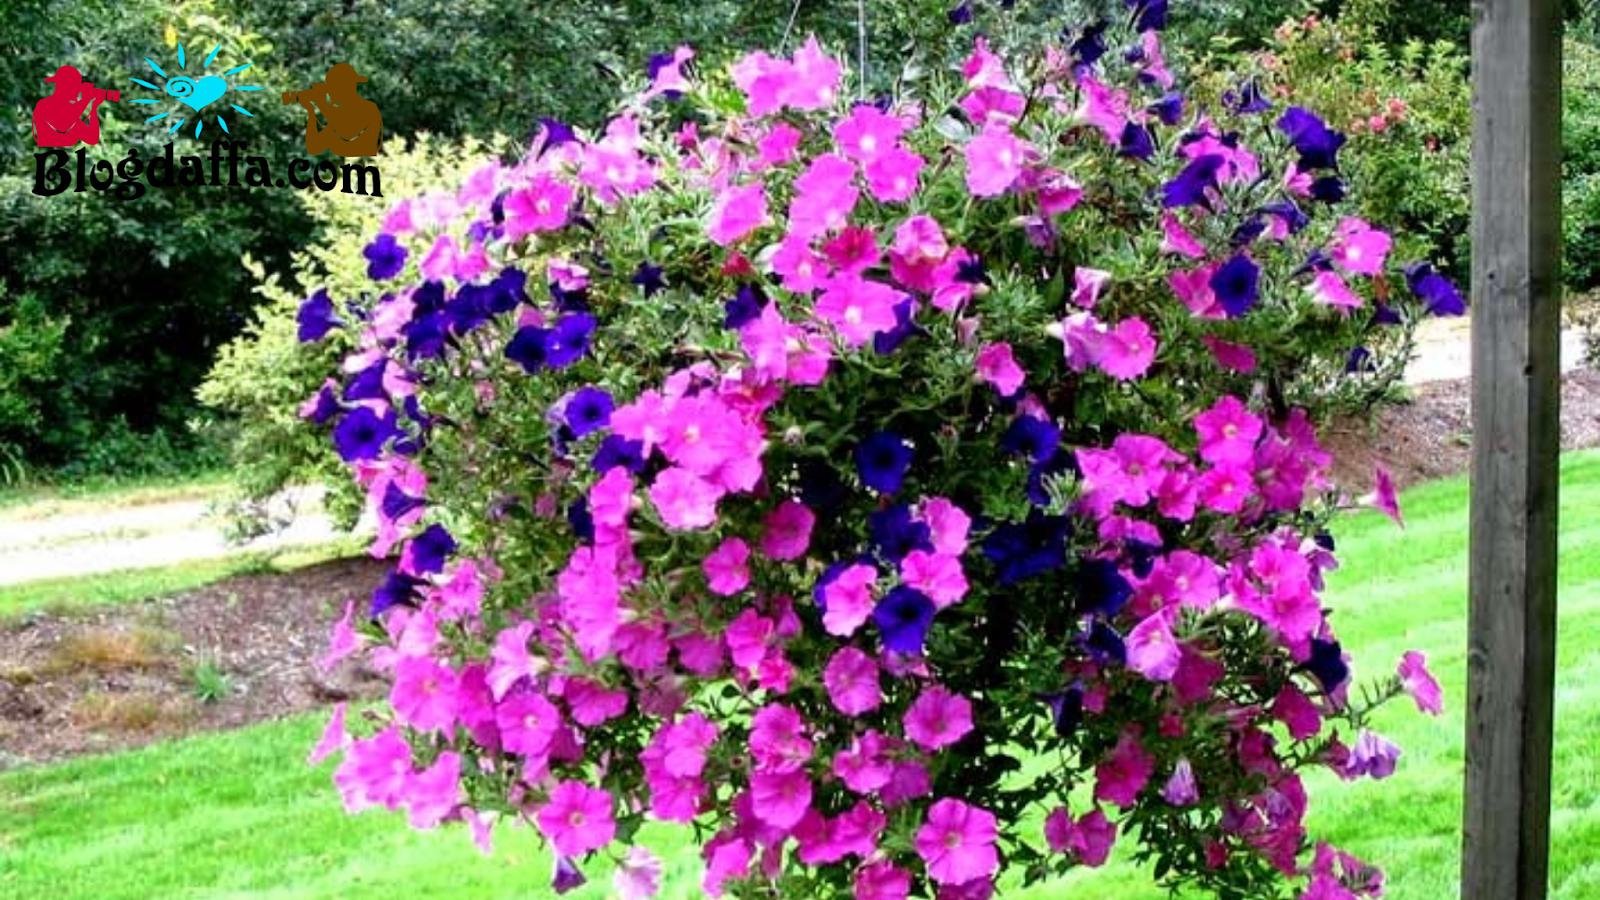 Tapak Dara bunga gantung tahan panas